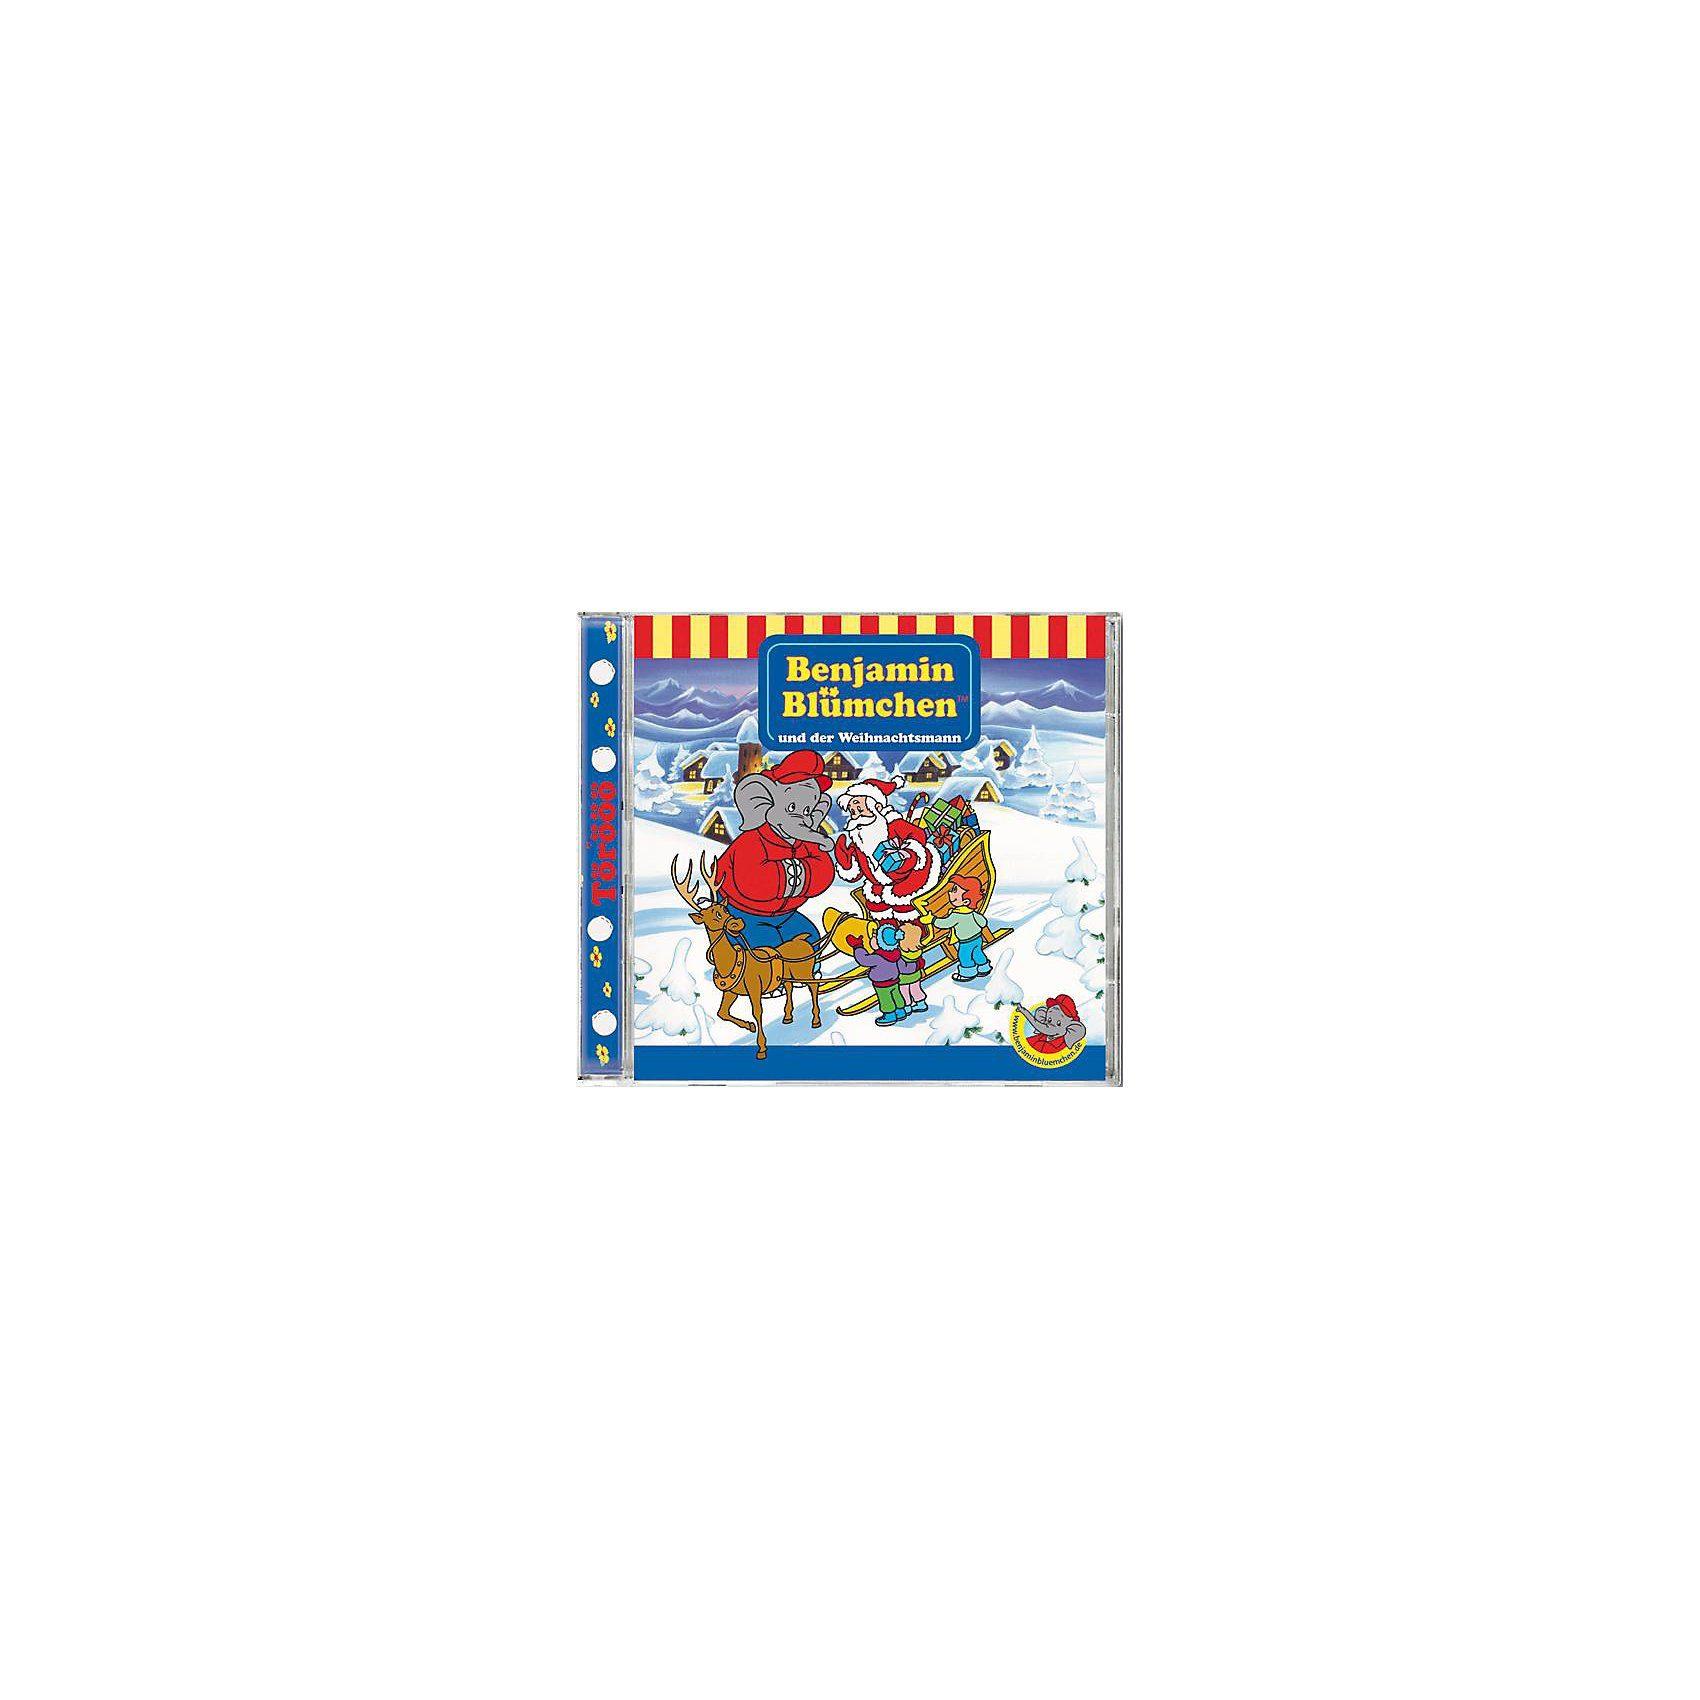 Kiddinx CD Benjamin Blümchen 73 (Weihnachtsmann)